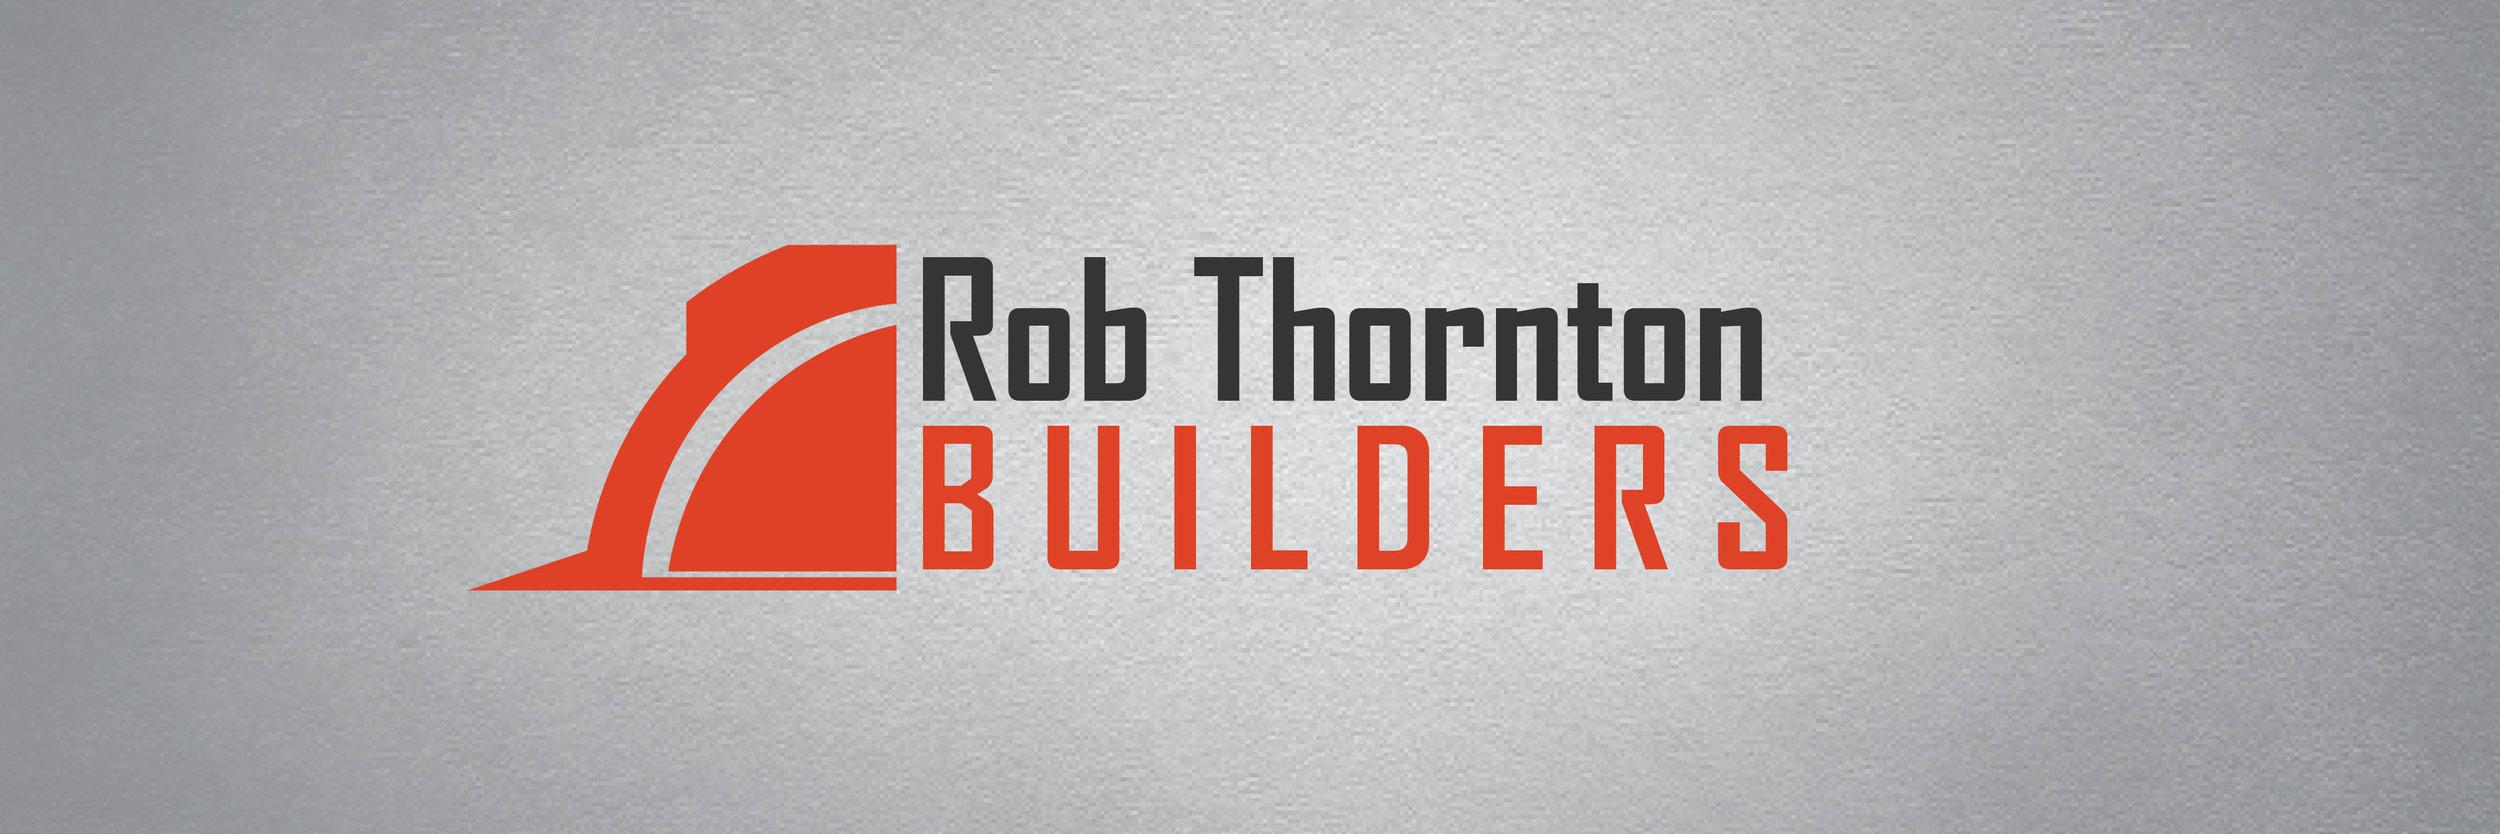 Rob Thorton.jpg